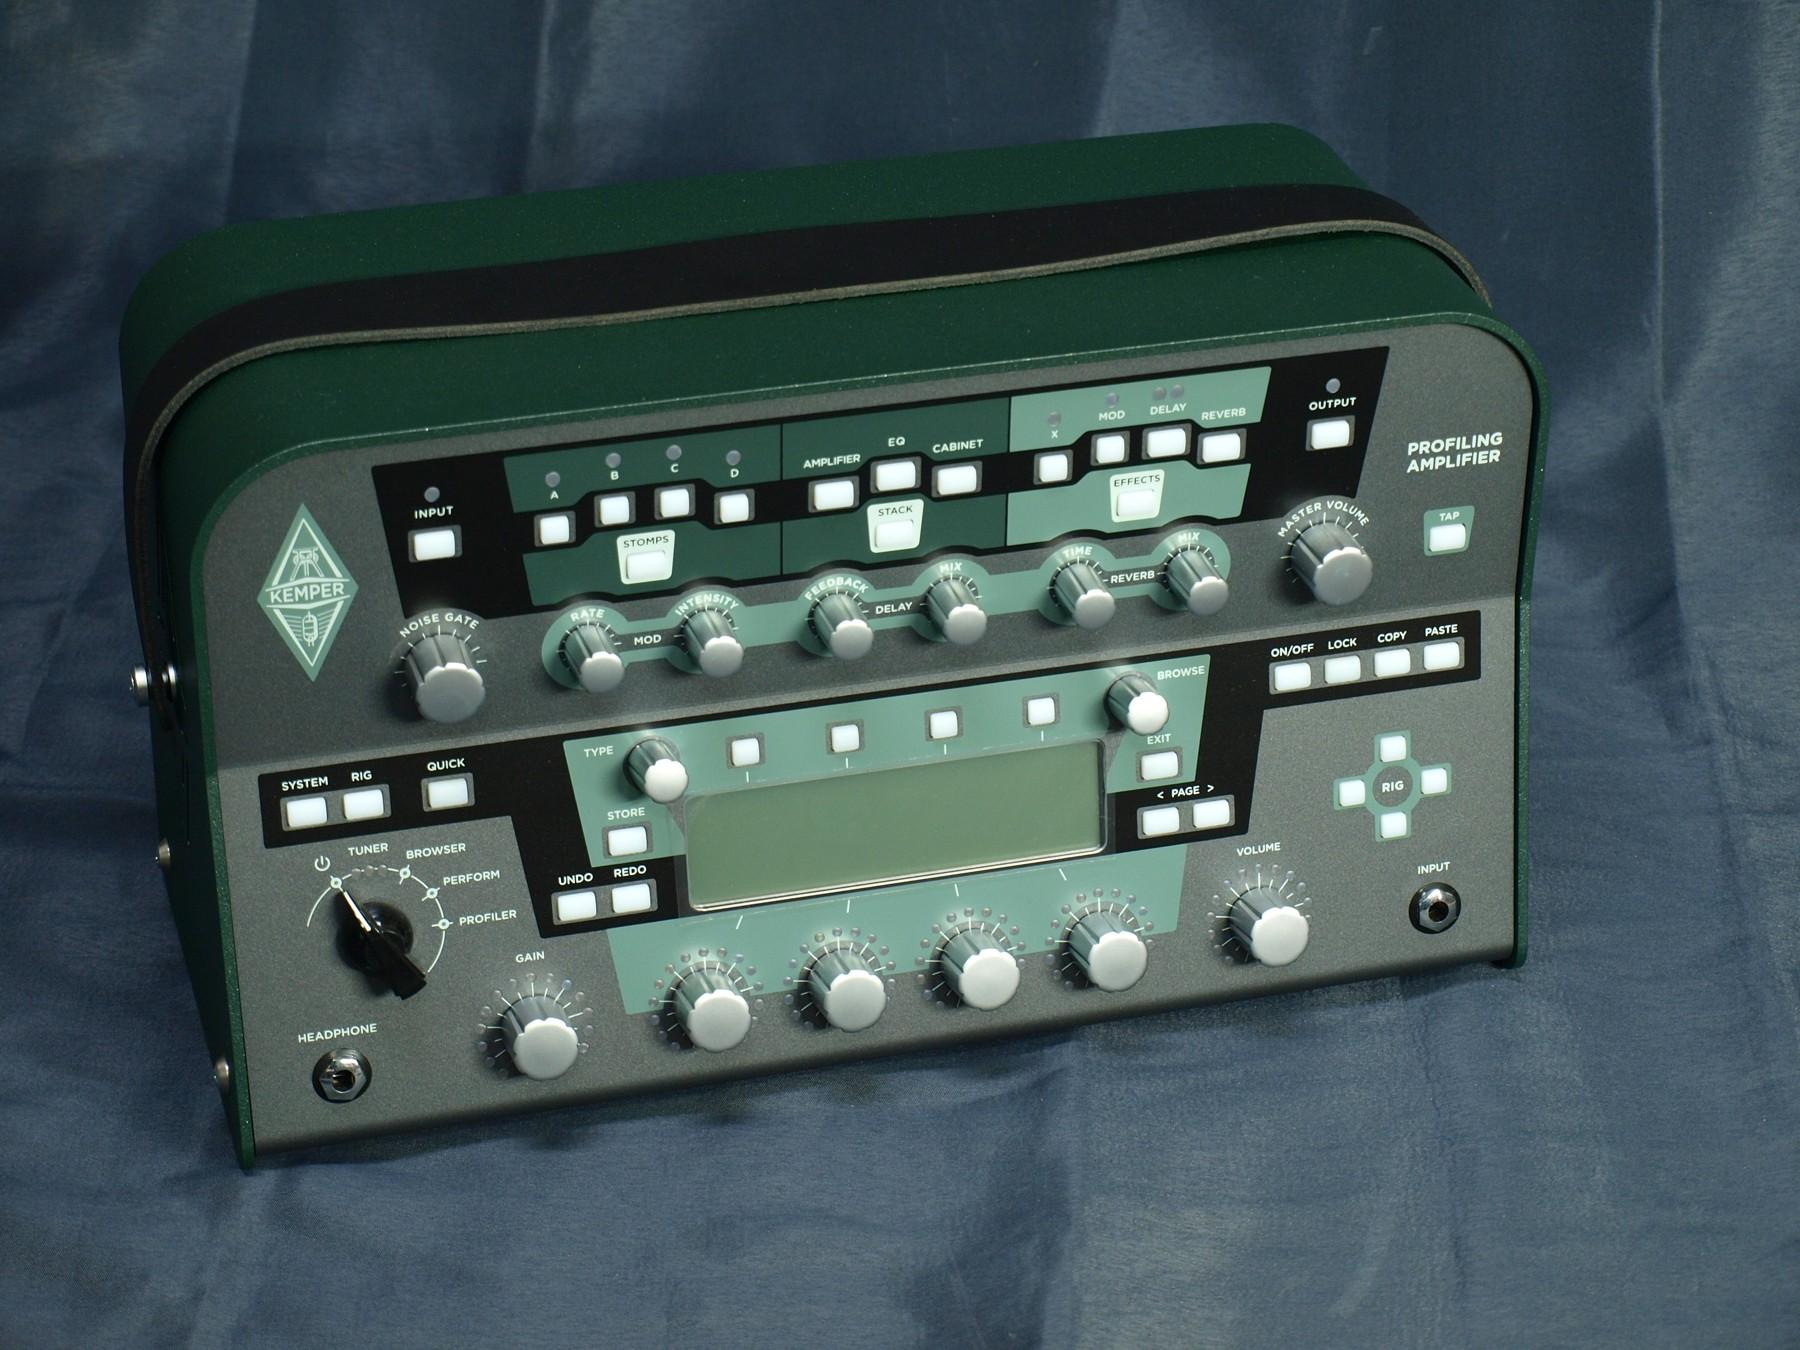 kemper アンプシミュレータープロファイラprofiling amplifier power